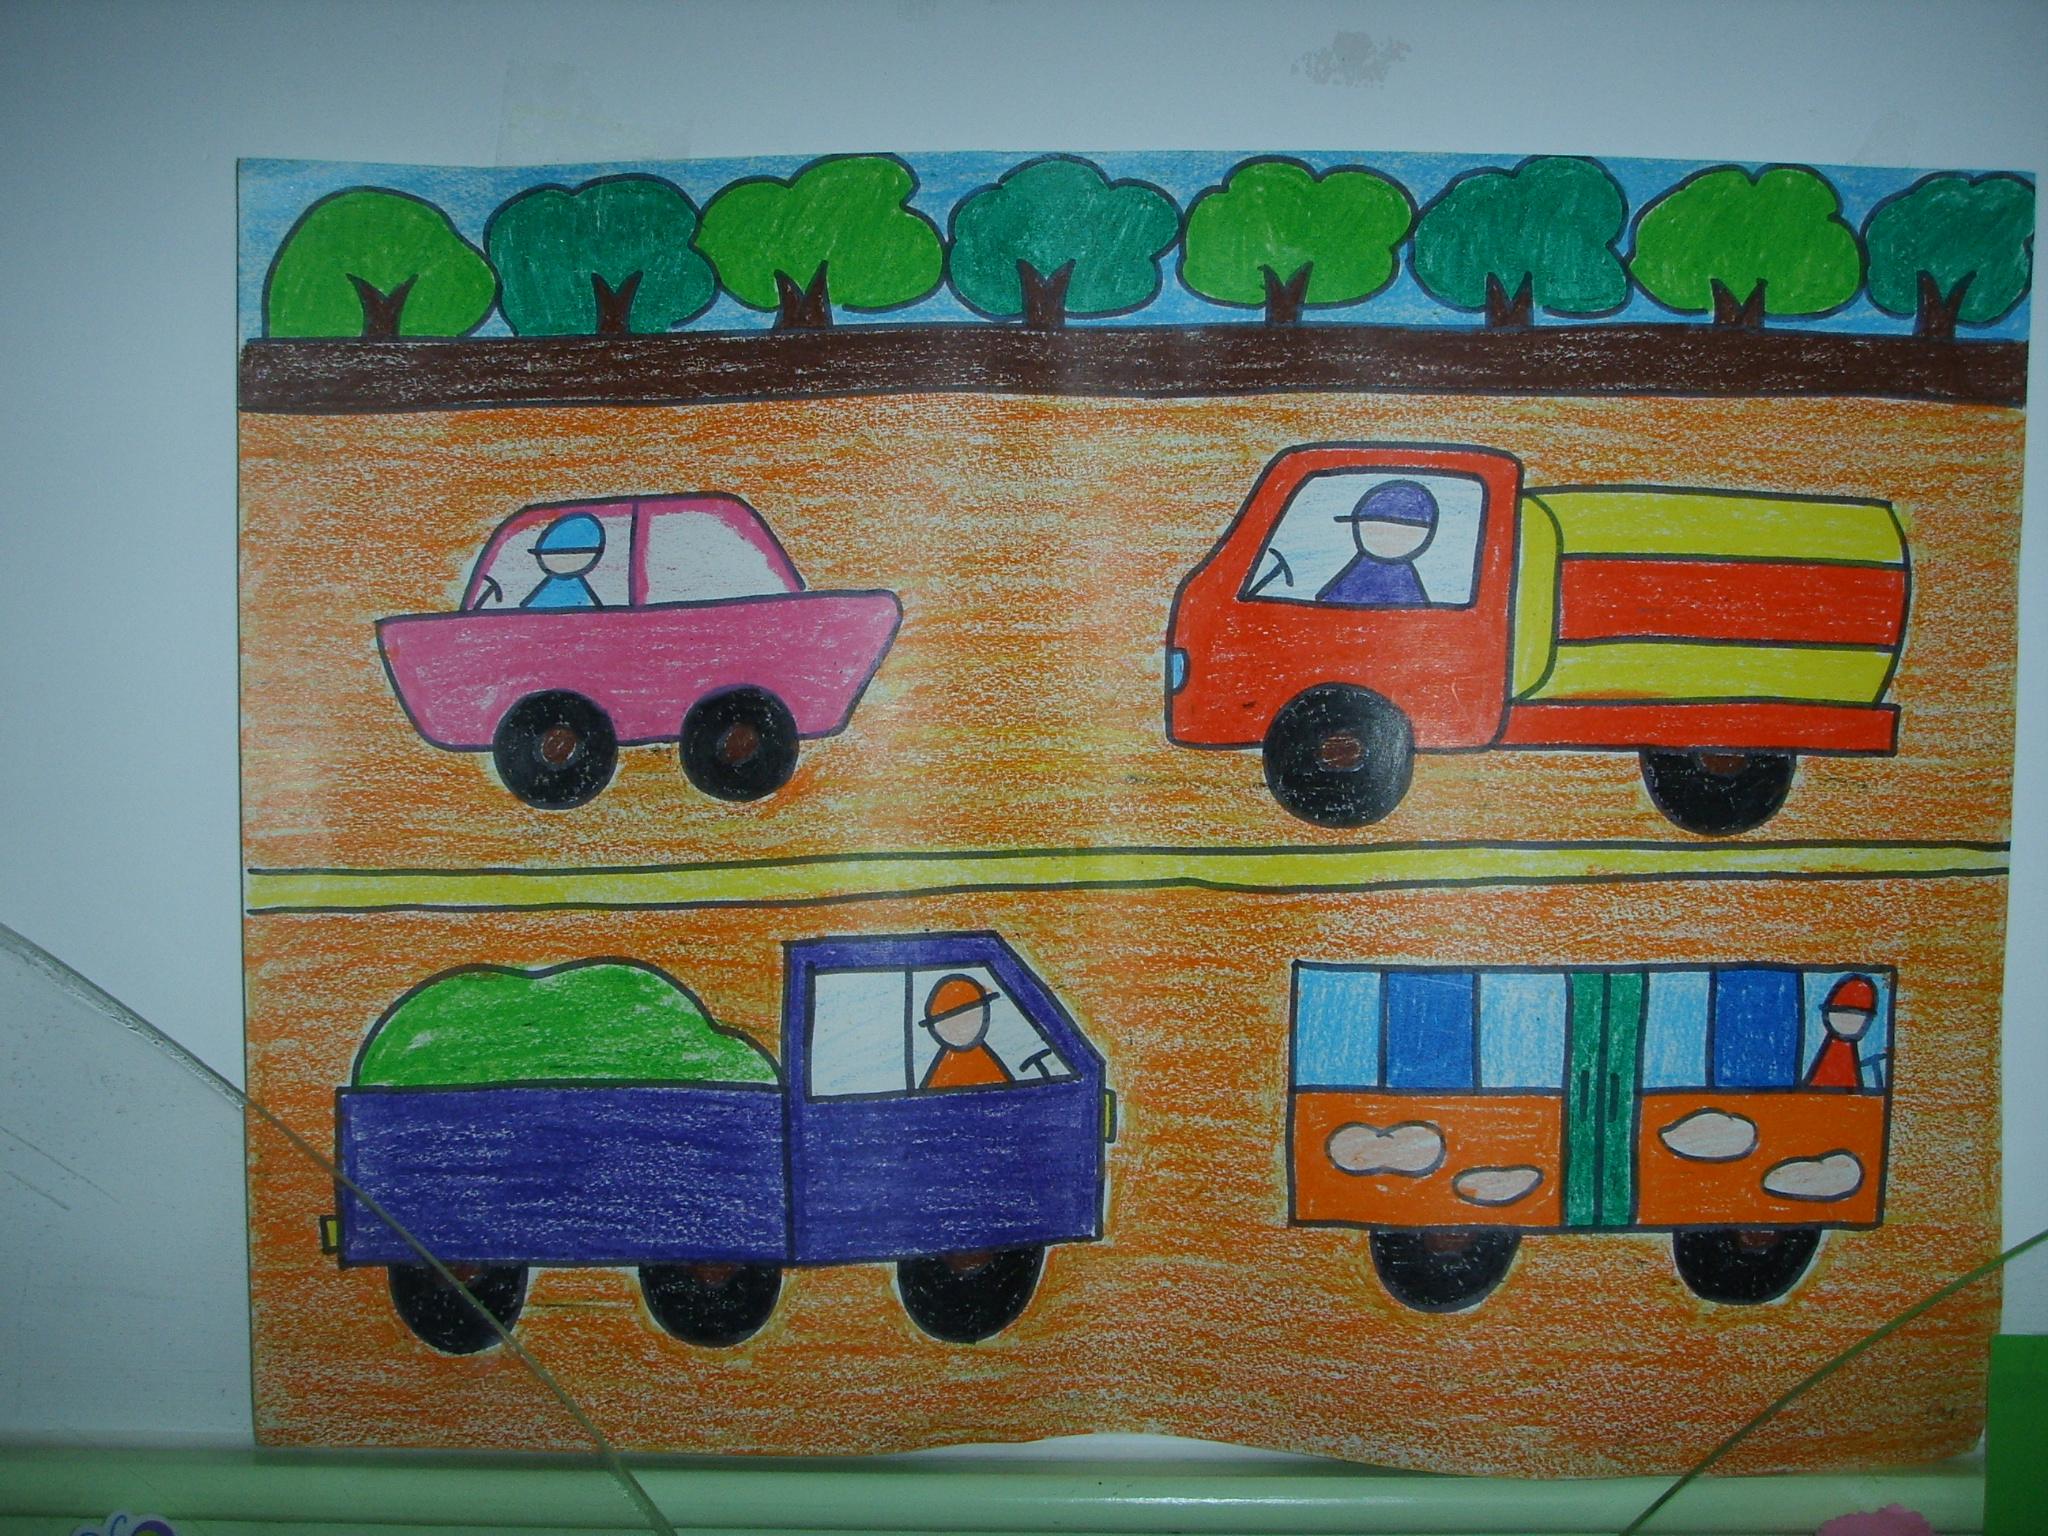 幼儿园大班美术范画幼儿园美术兴趣班范画幼儿园图片